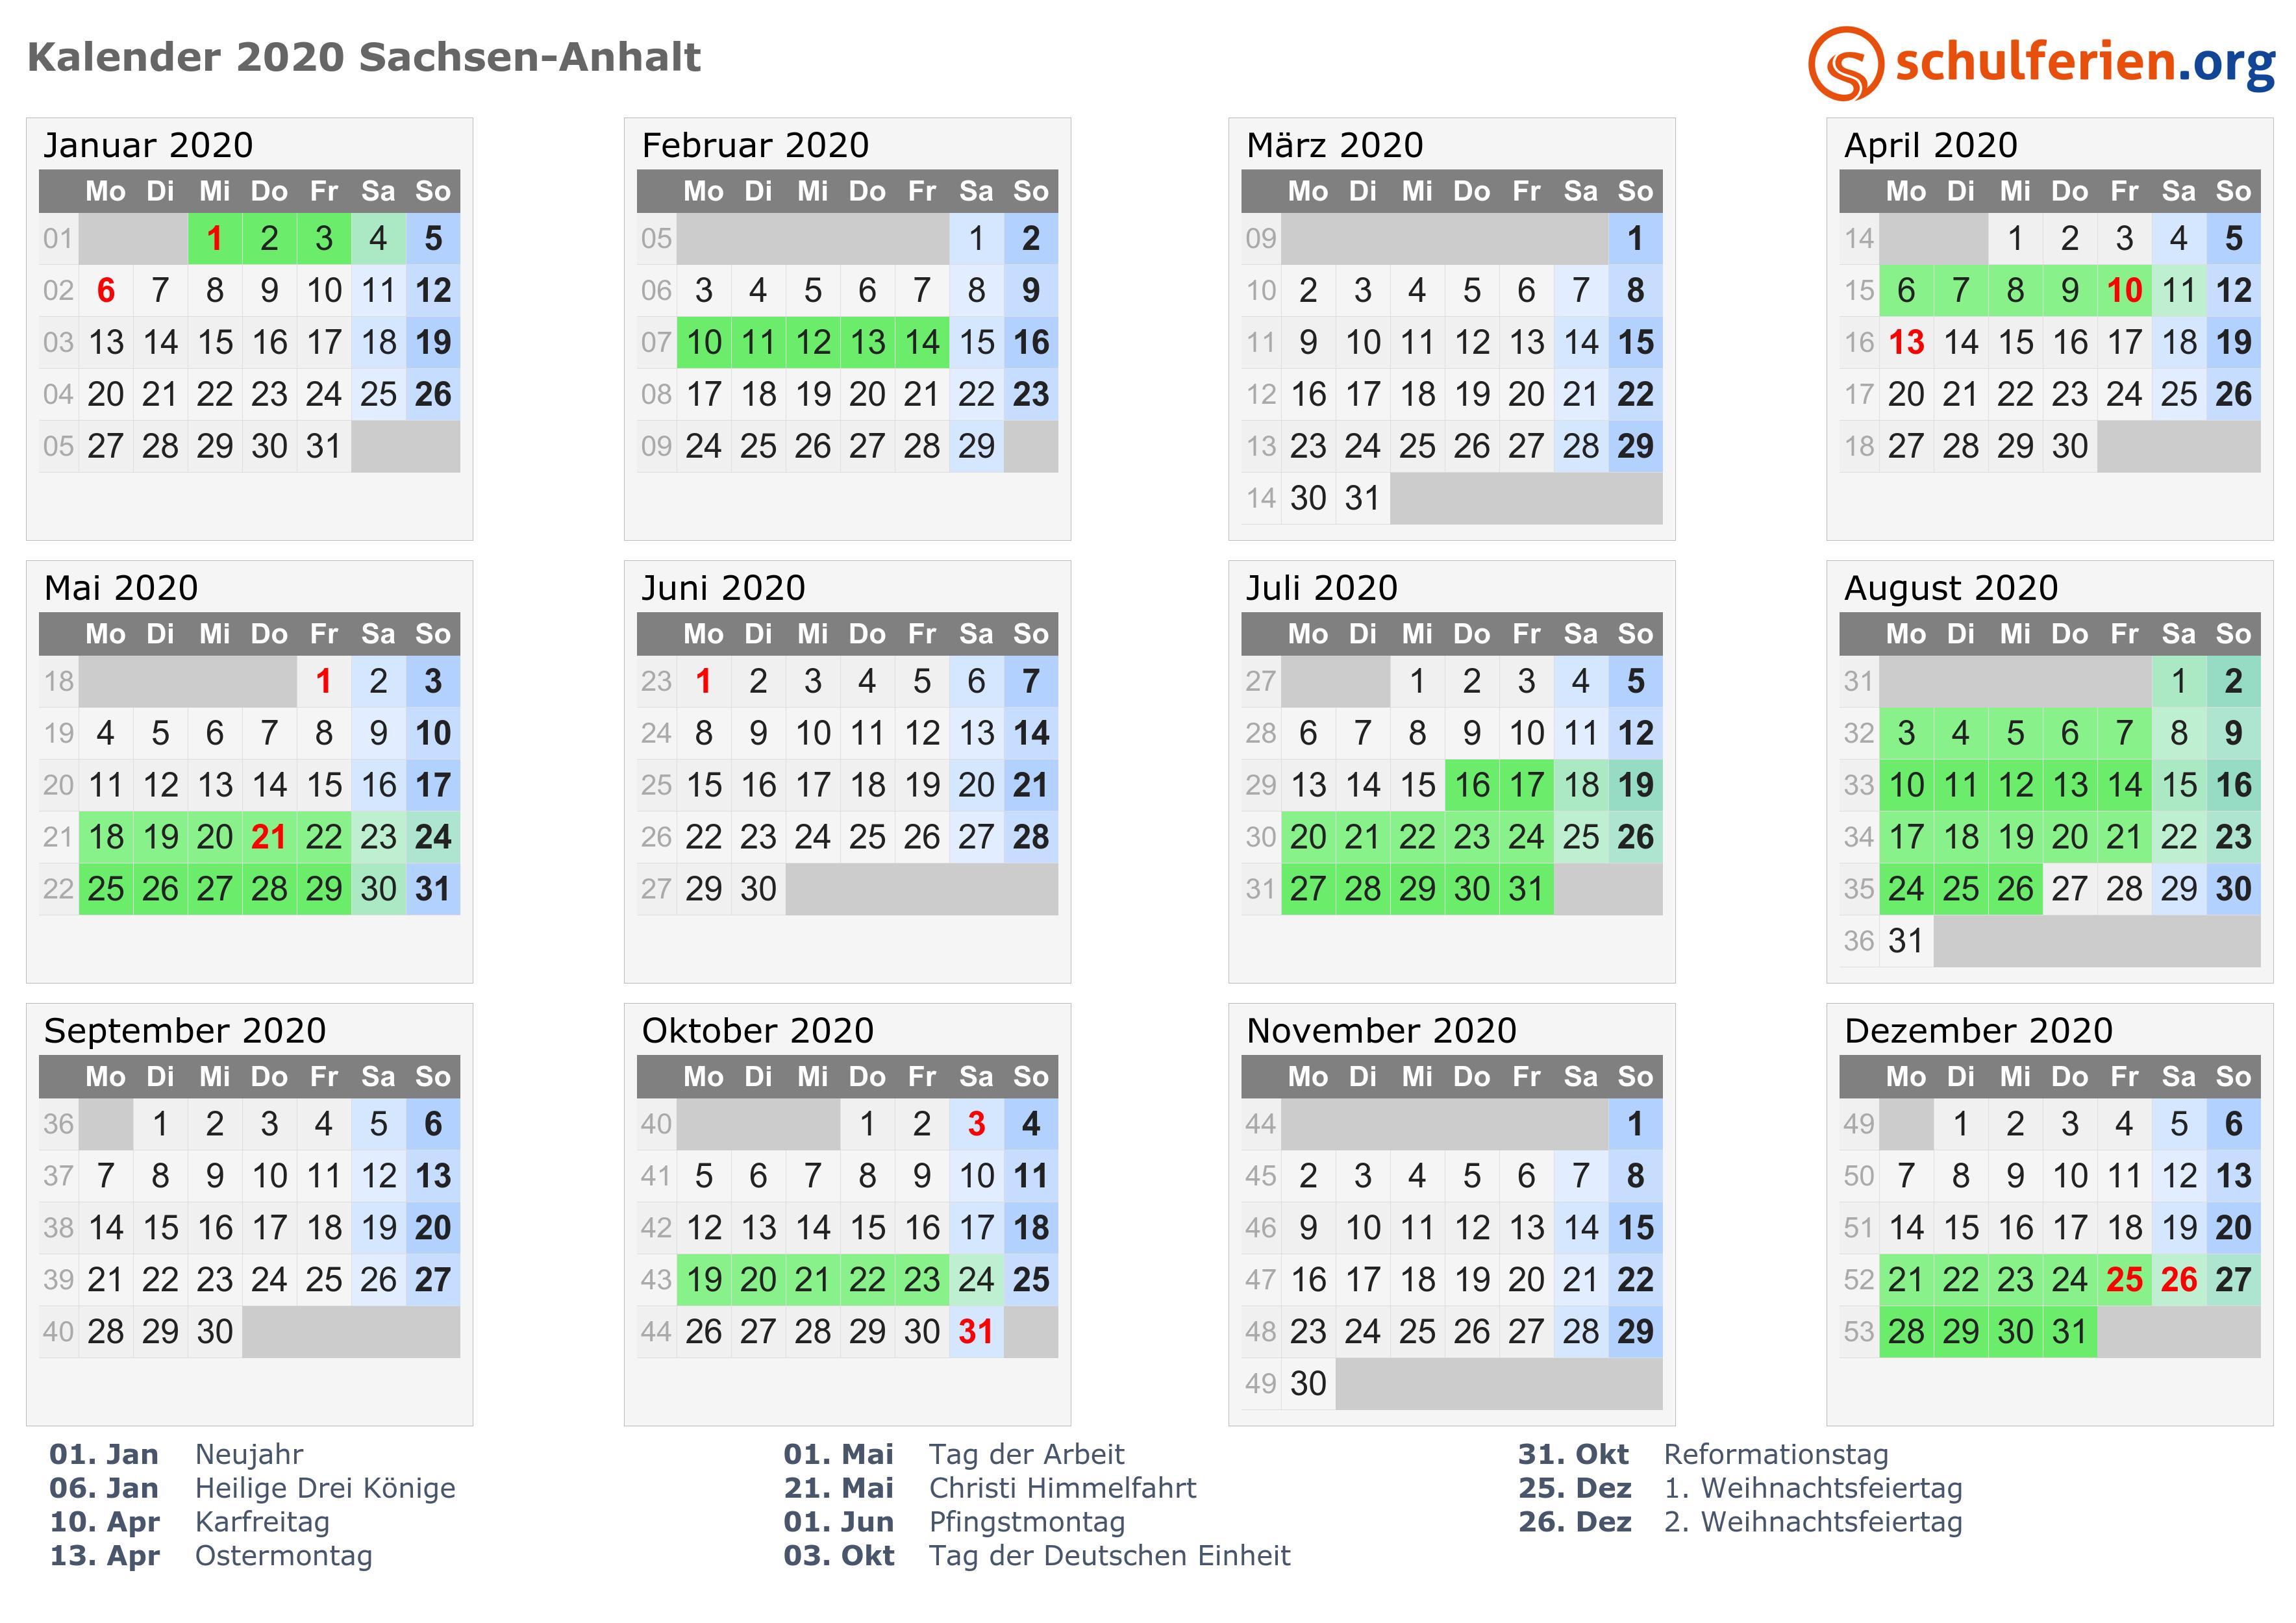 Gesetzliche Feiertage Sachsen Anhalt 2020